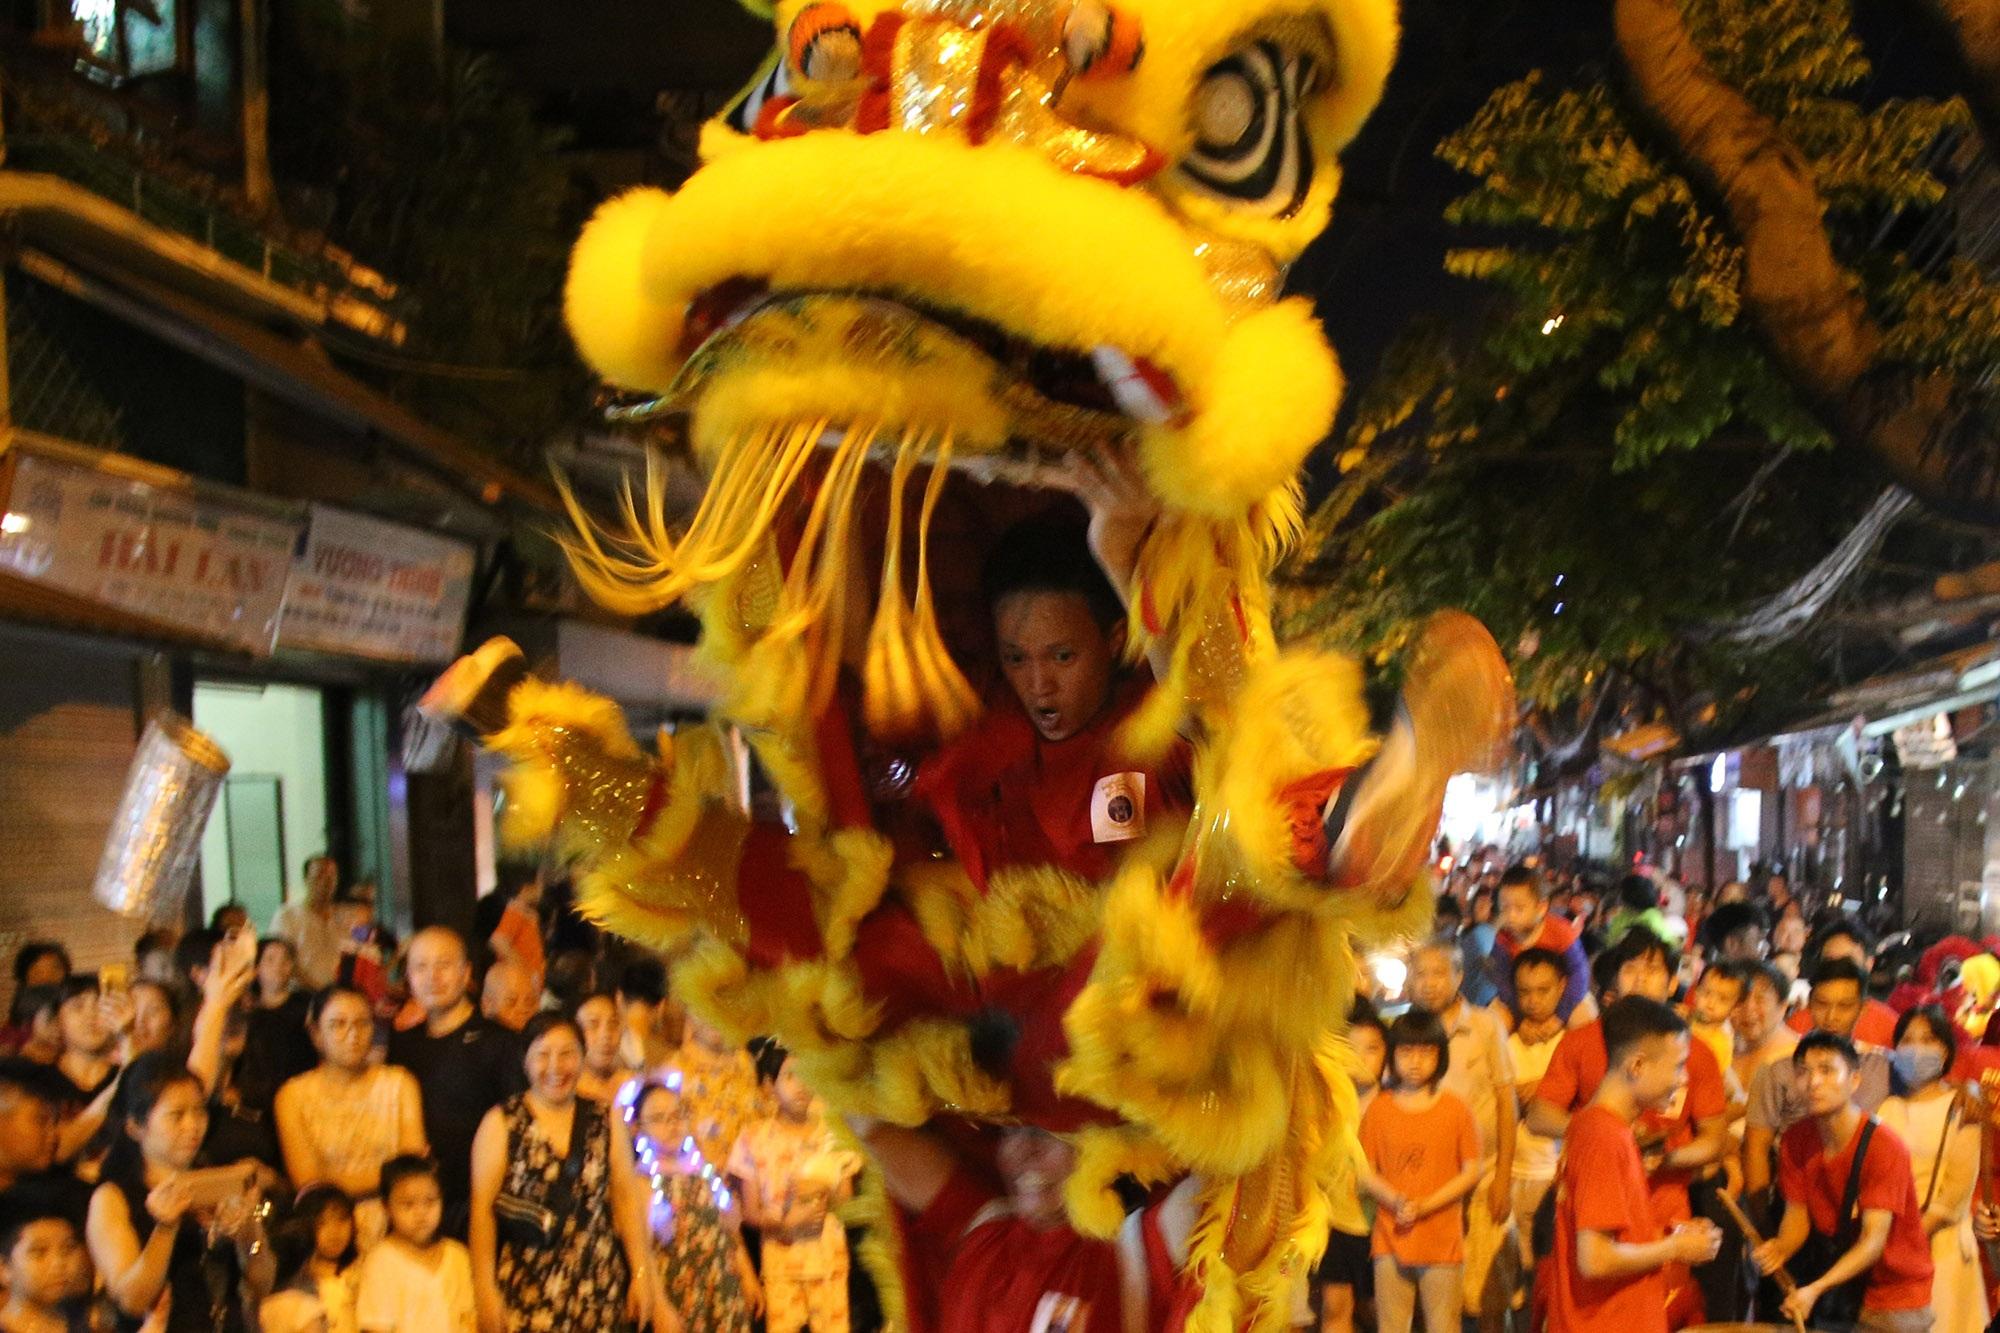 Sôi động đêm trung thu trên đường phố Hà Nội - 4